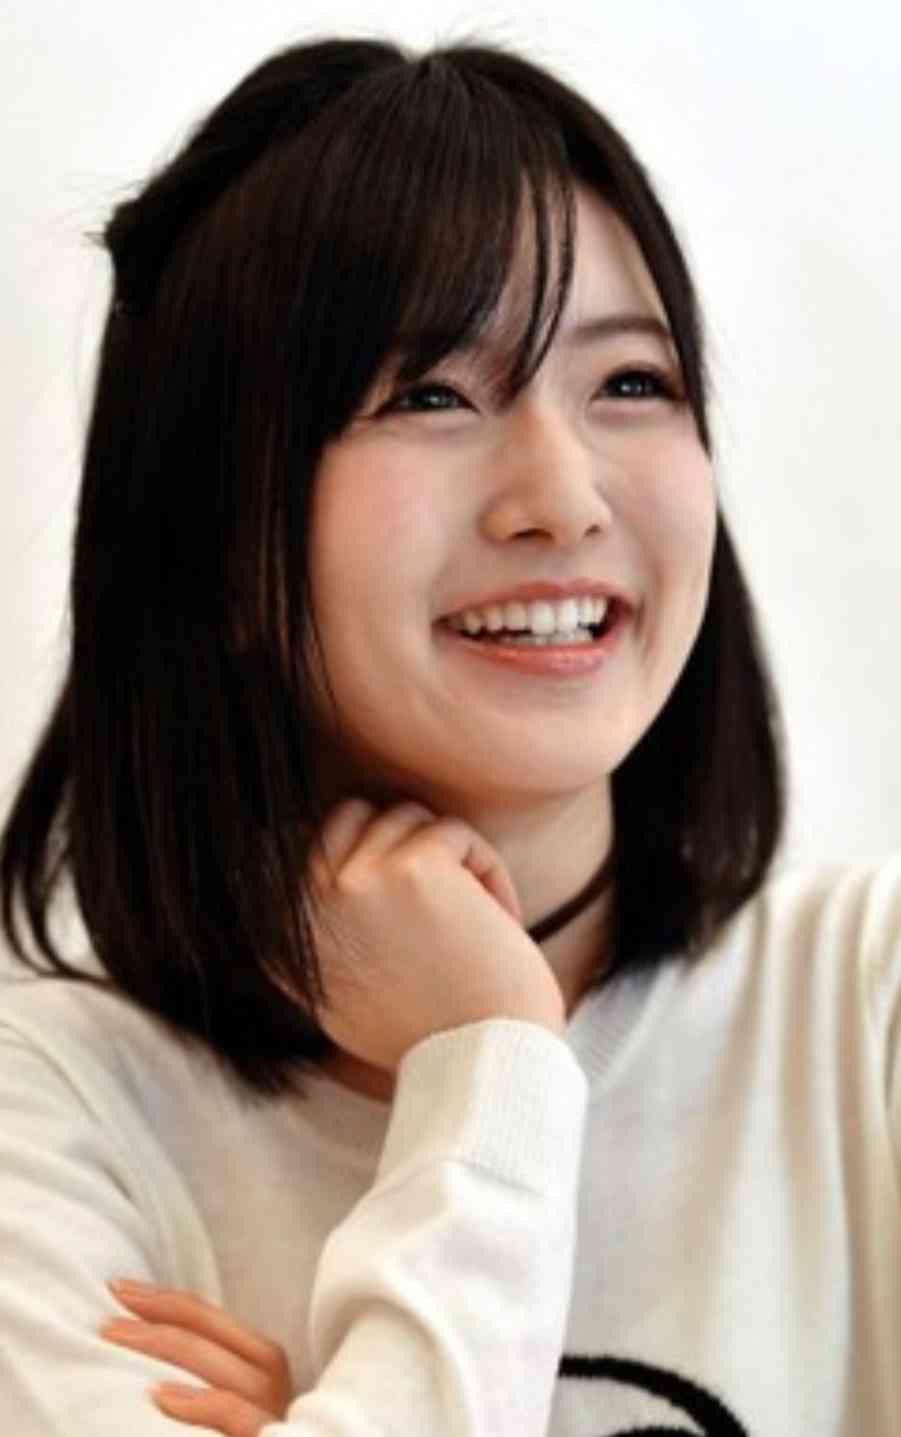 須藤凜々花、宣言通り結婚! 新婚生活「家帰るのがチョ〜楽しい」